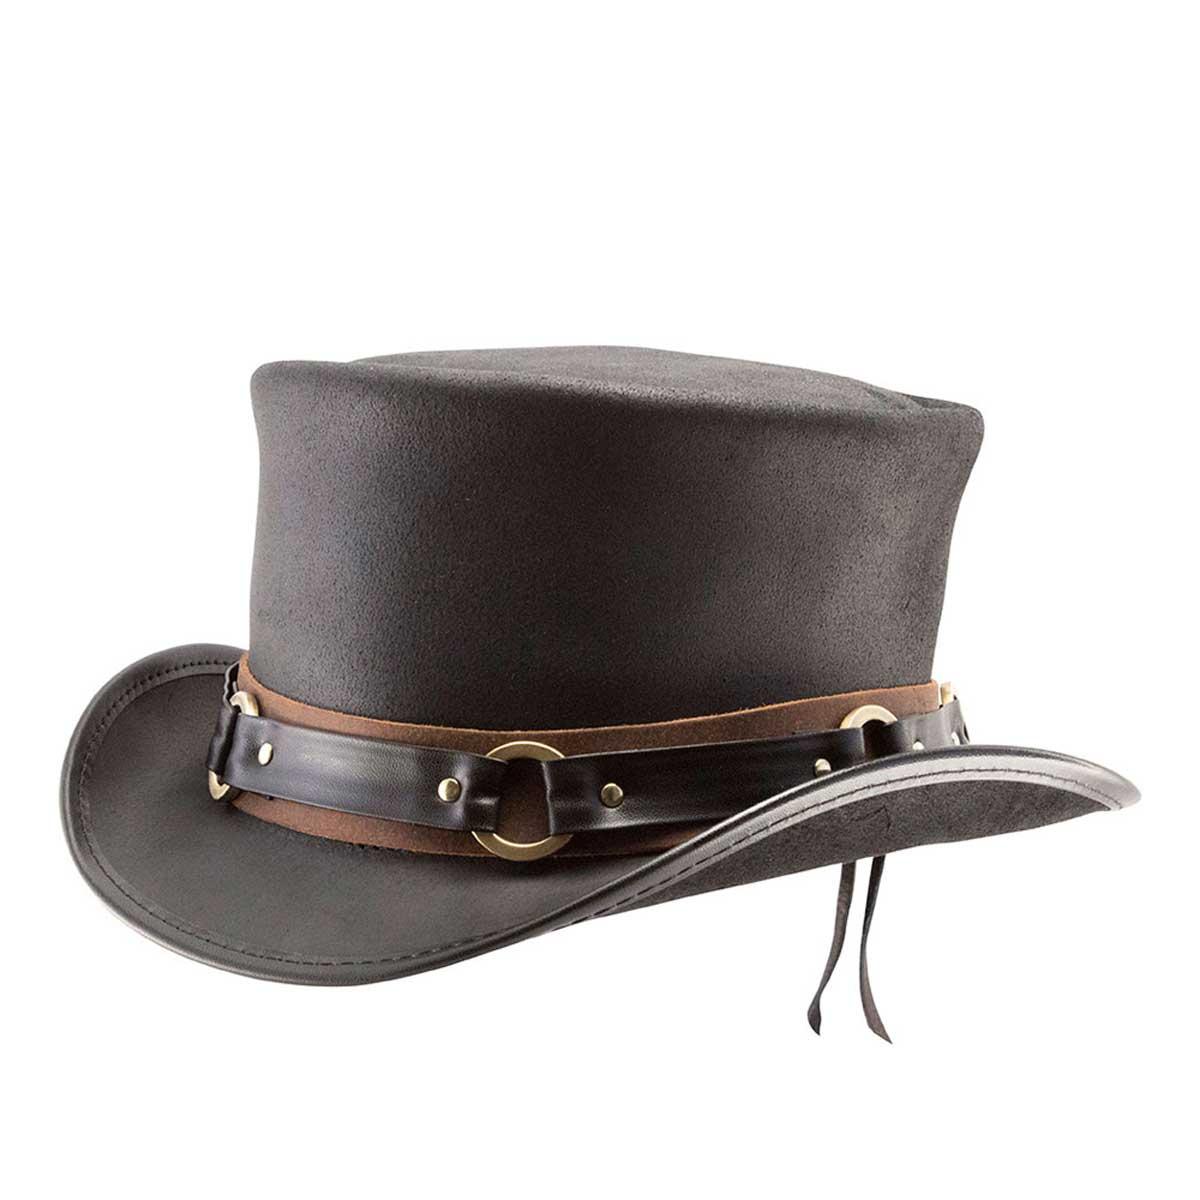 スチームパンク 帽子 HEAD'N HOME El Dorado SR2/BLACK